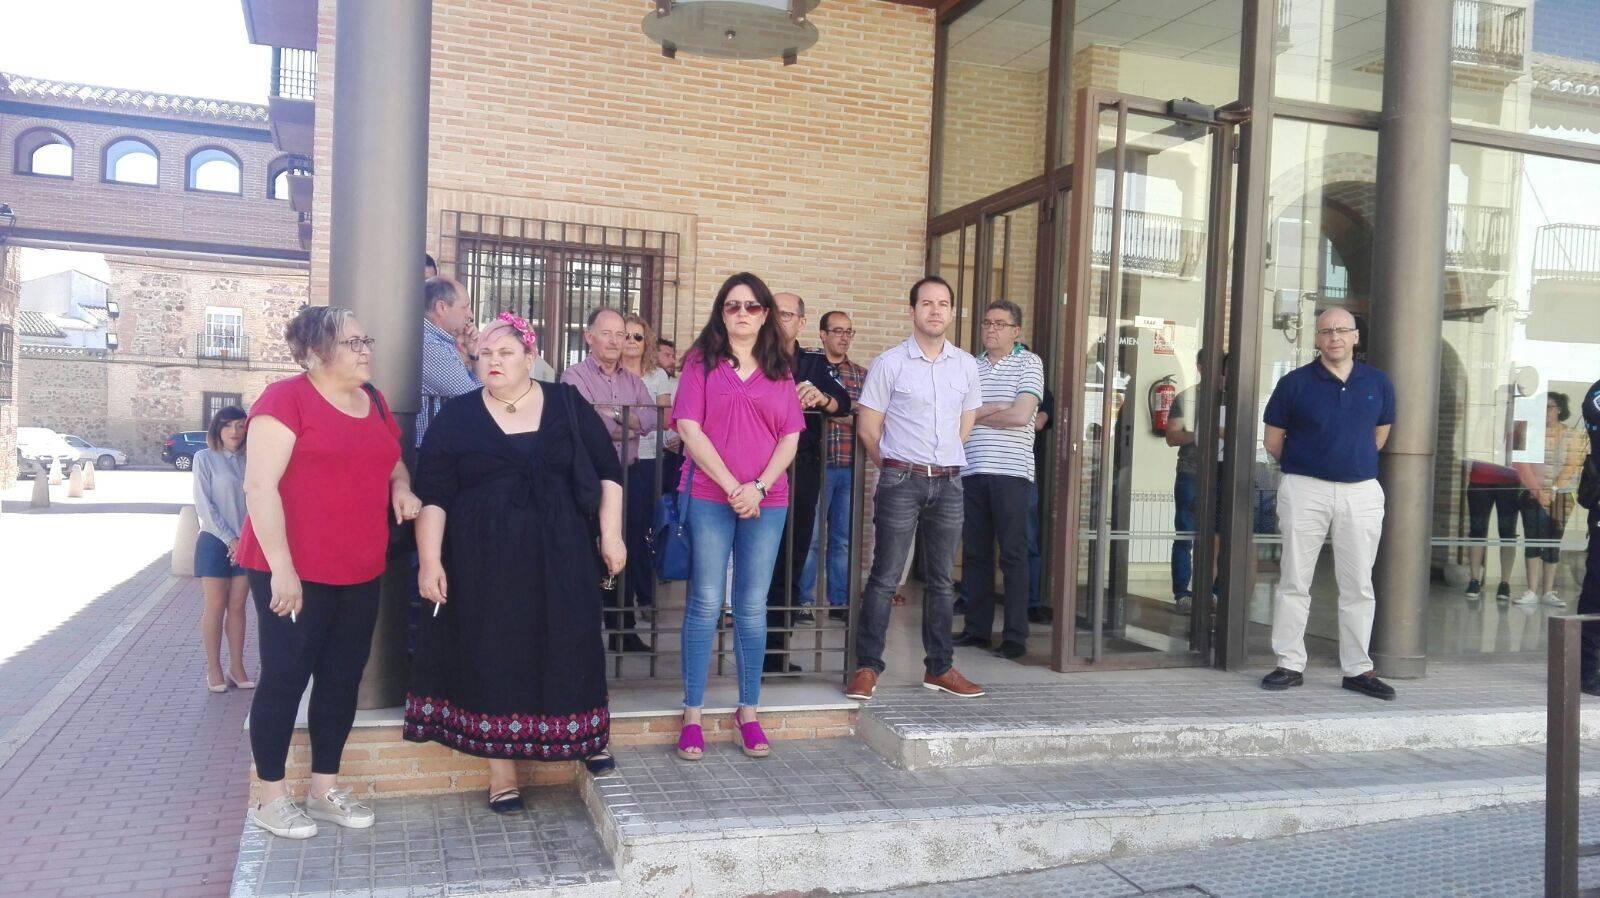 Herencia se suma al minuto de silencio condenando el atentado de Manchester 3